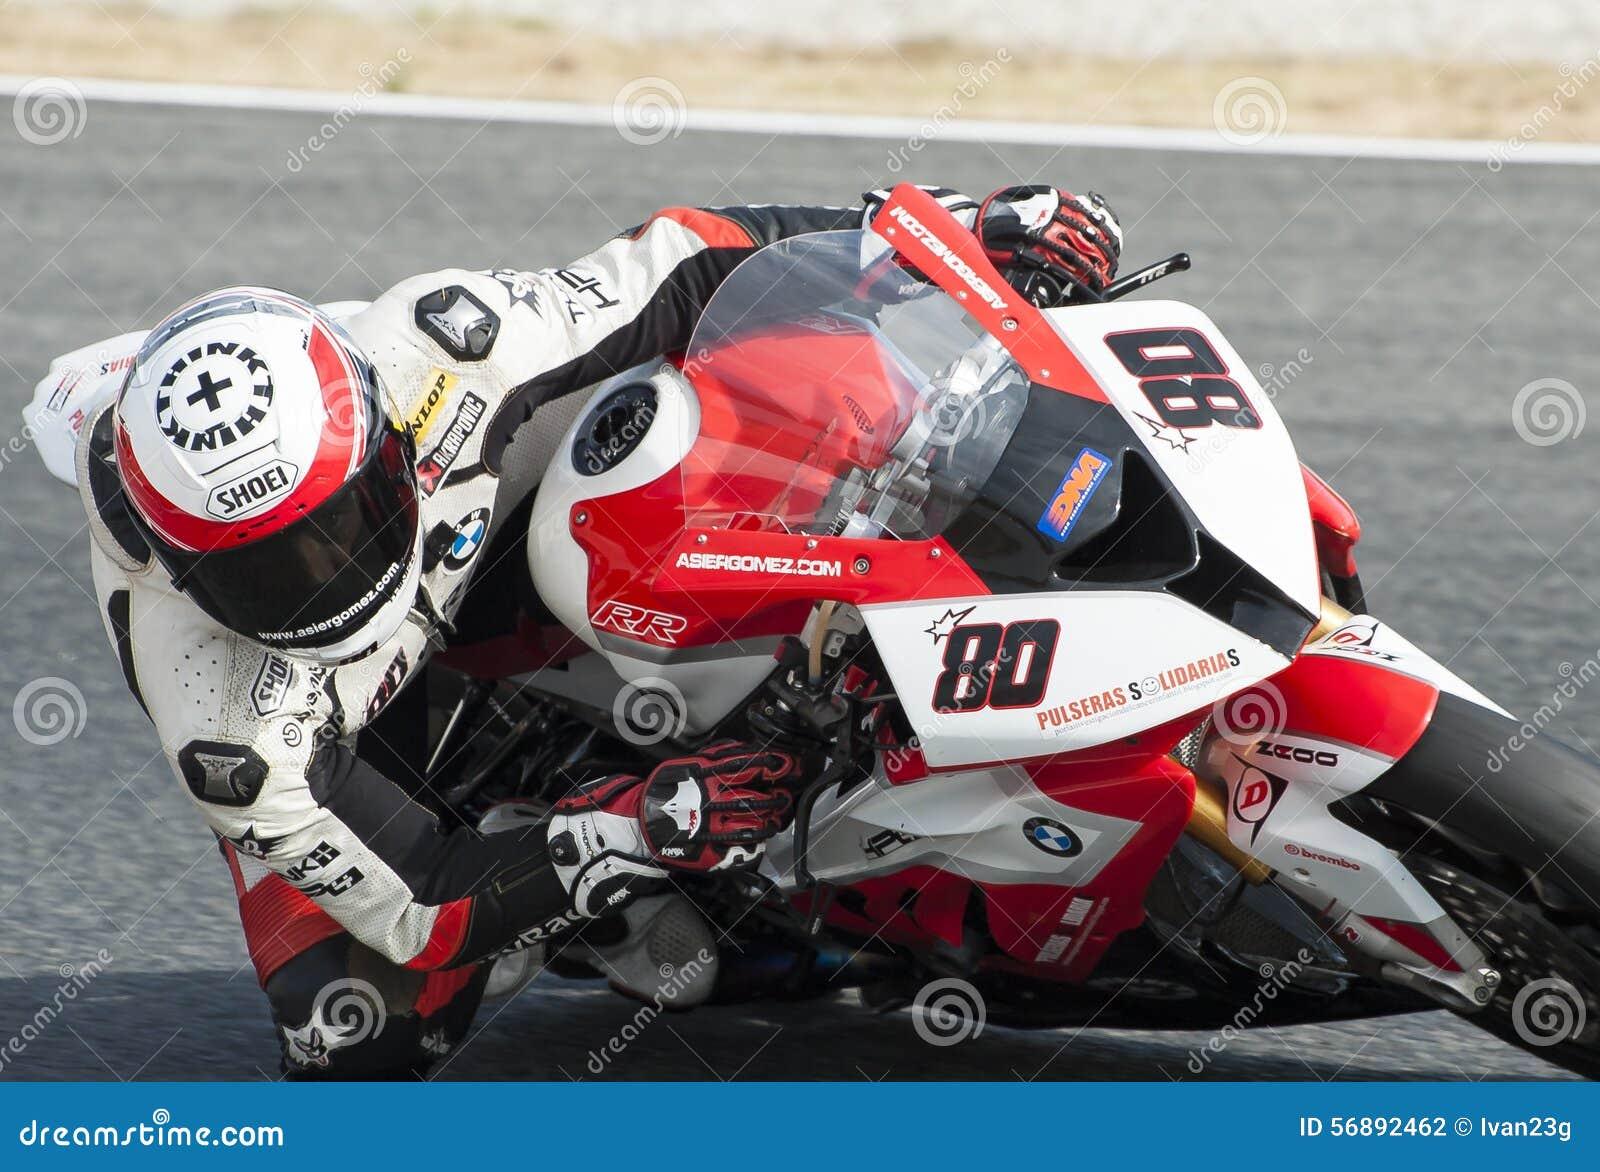 CAMPIONATO CATALANO DI MOTOCICLISMO - ASIER GOMEZ